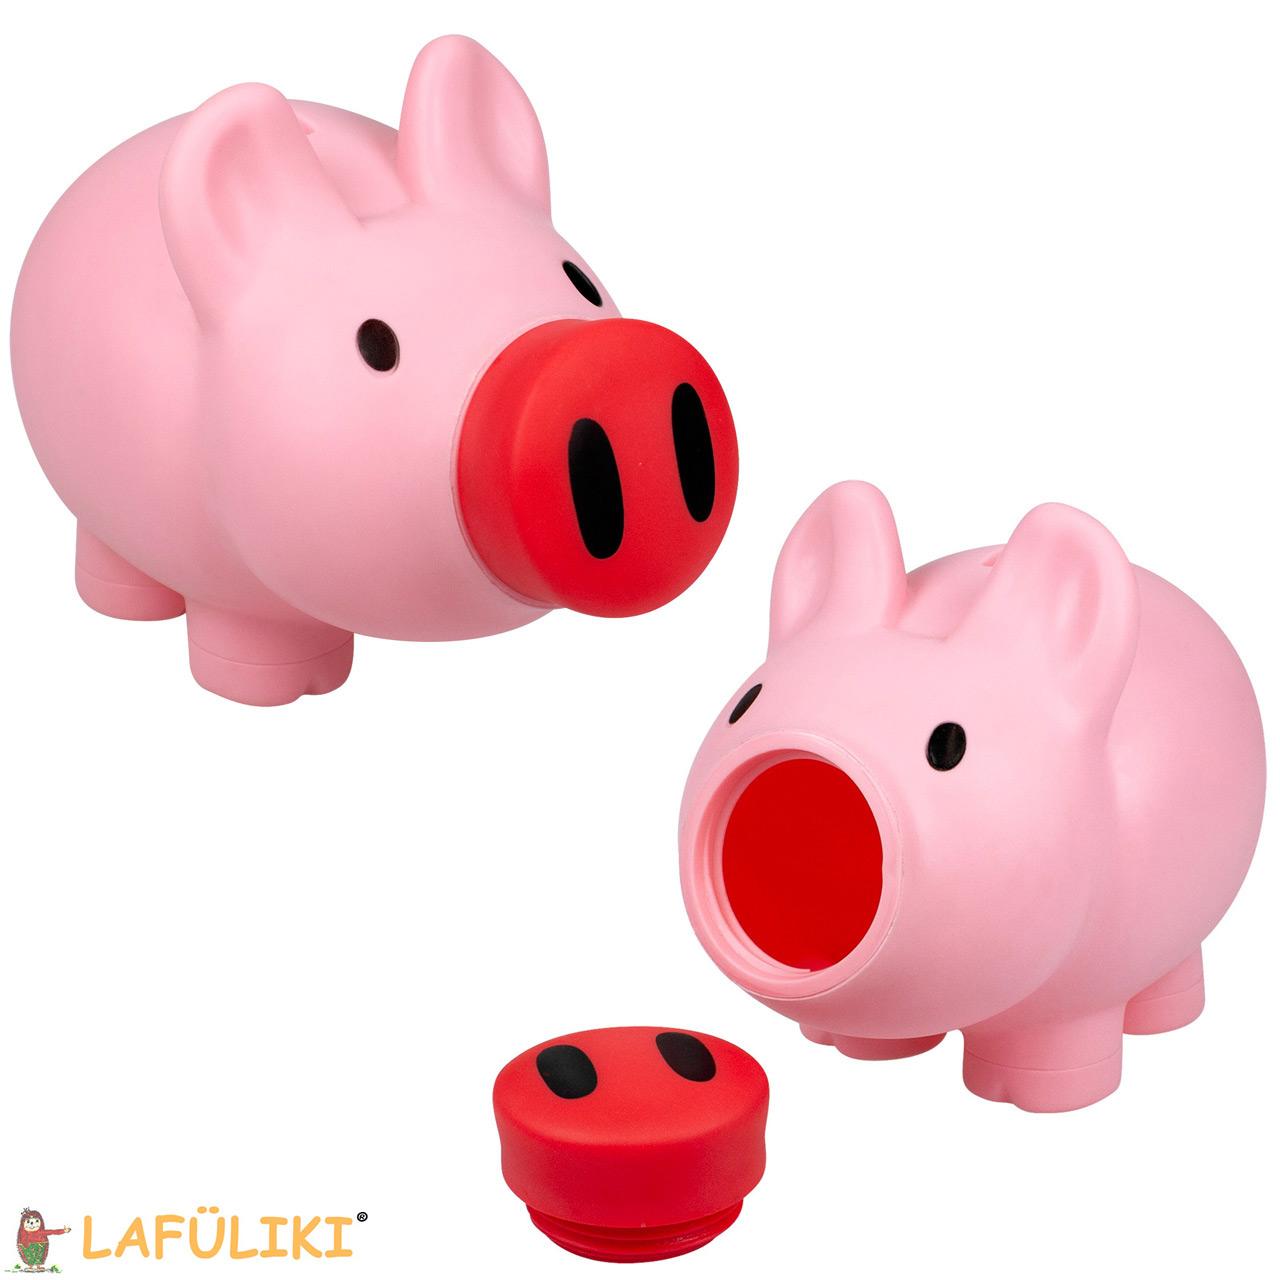 Spardose-Gluecksschwein-rosa-pink-Kinder-Sparschwein-947215-lafueliki